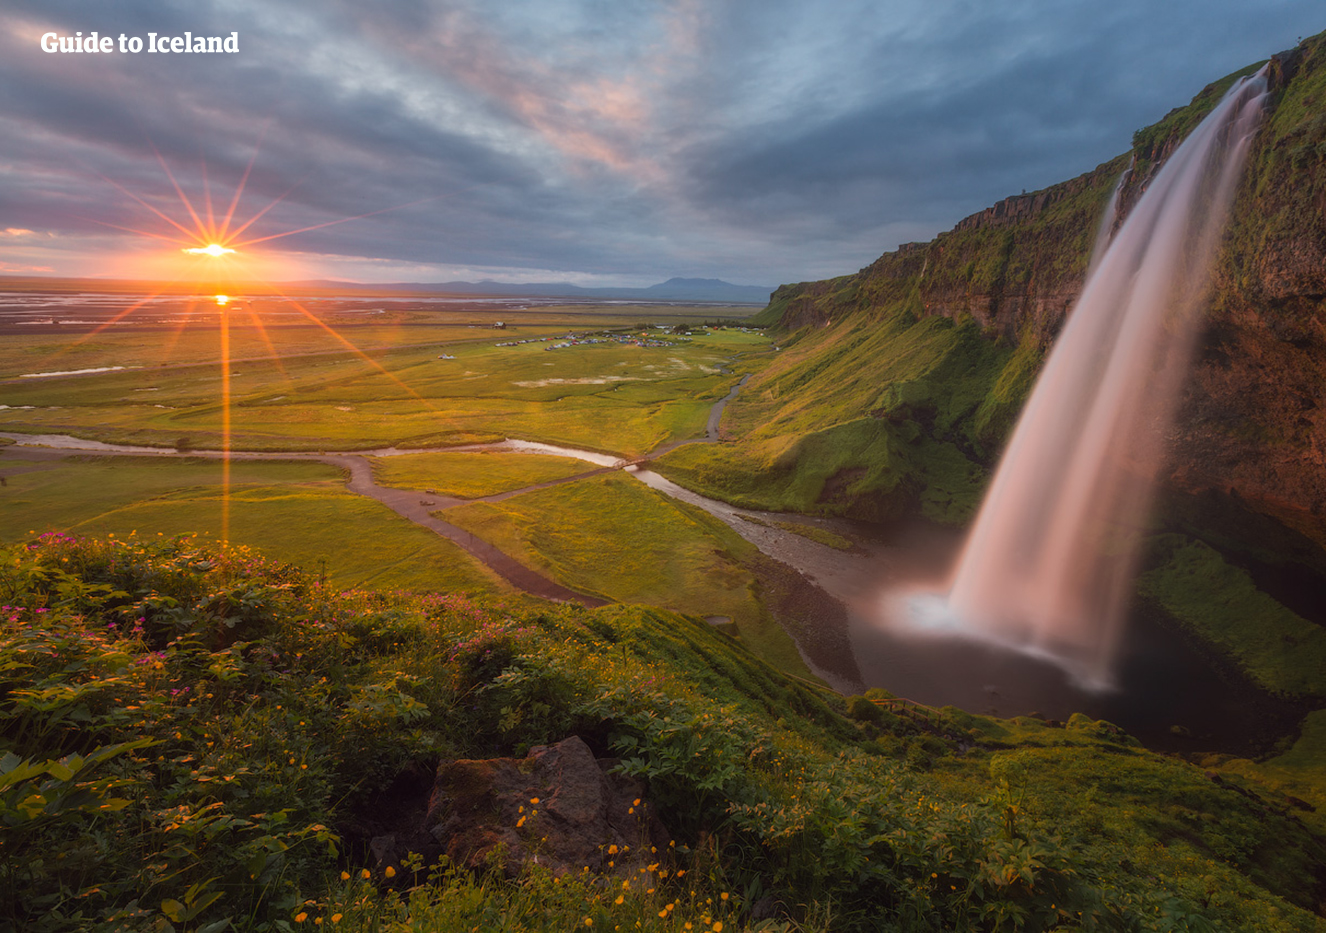 Der Wasserfall Seljalandsfoss ergießt sich aus einer Höhe von 60 Metern über eine konkave Felswand, die früher einen Teil der Südküste Islands bildete.